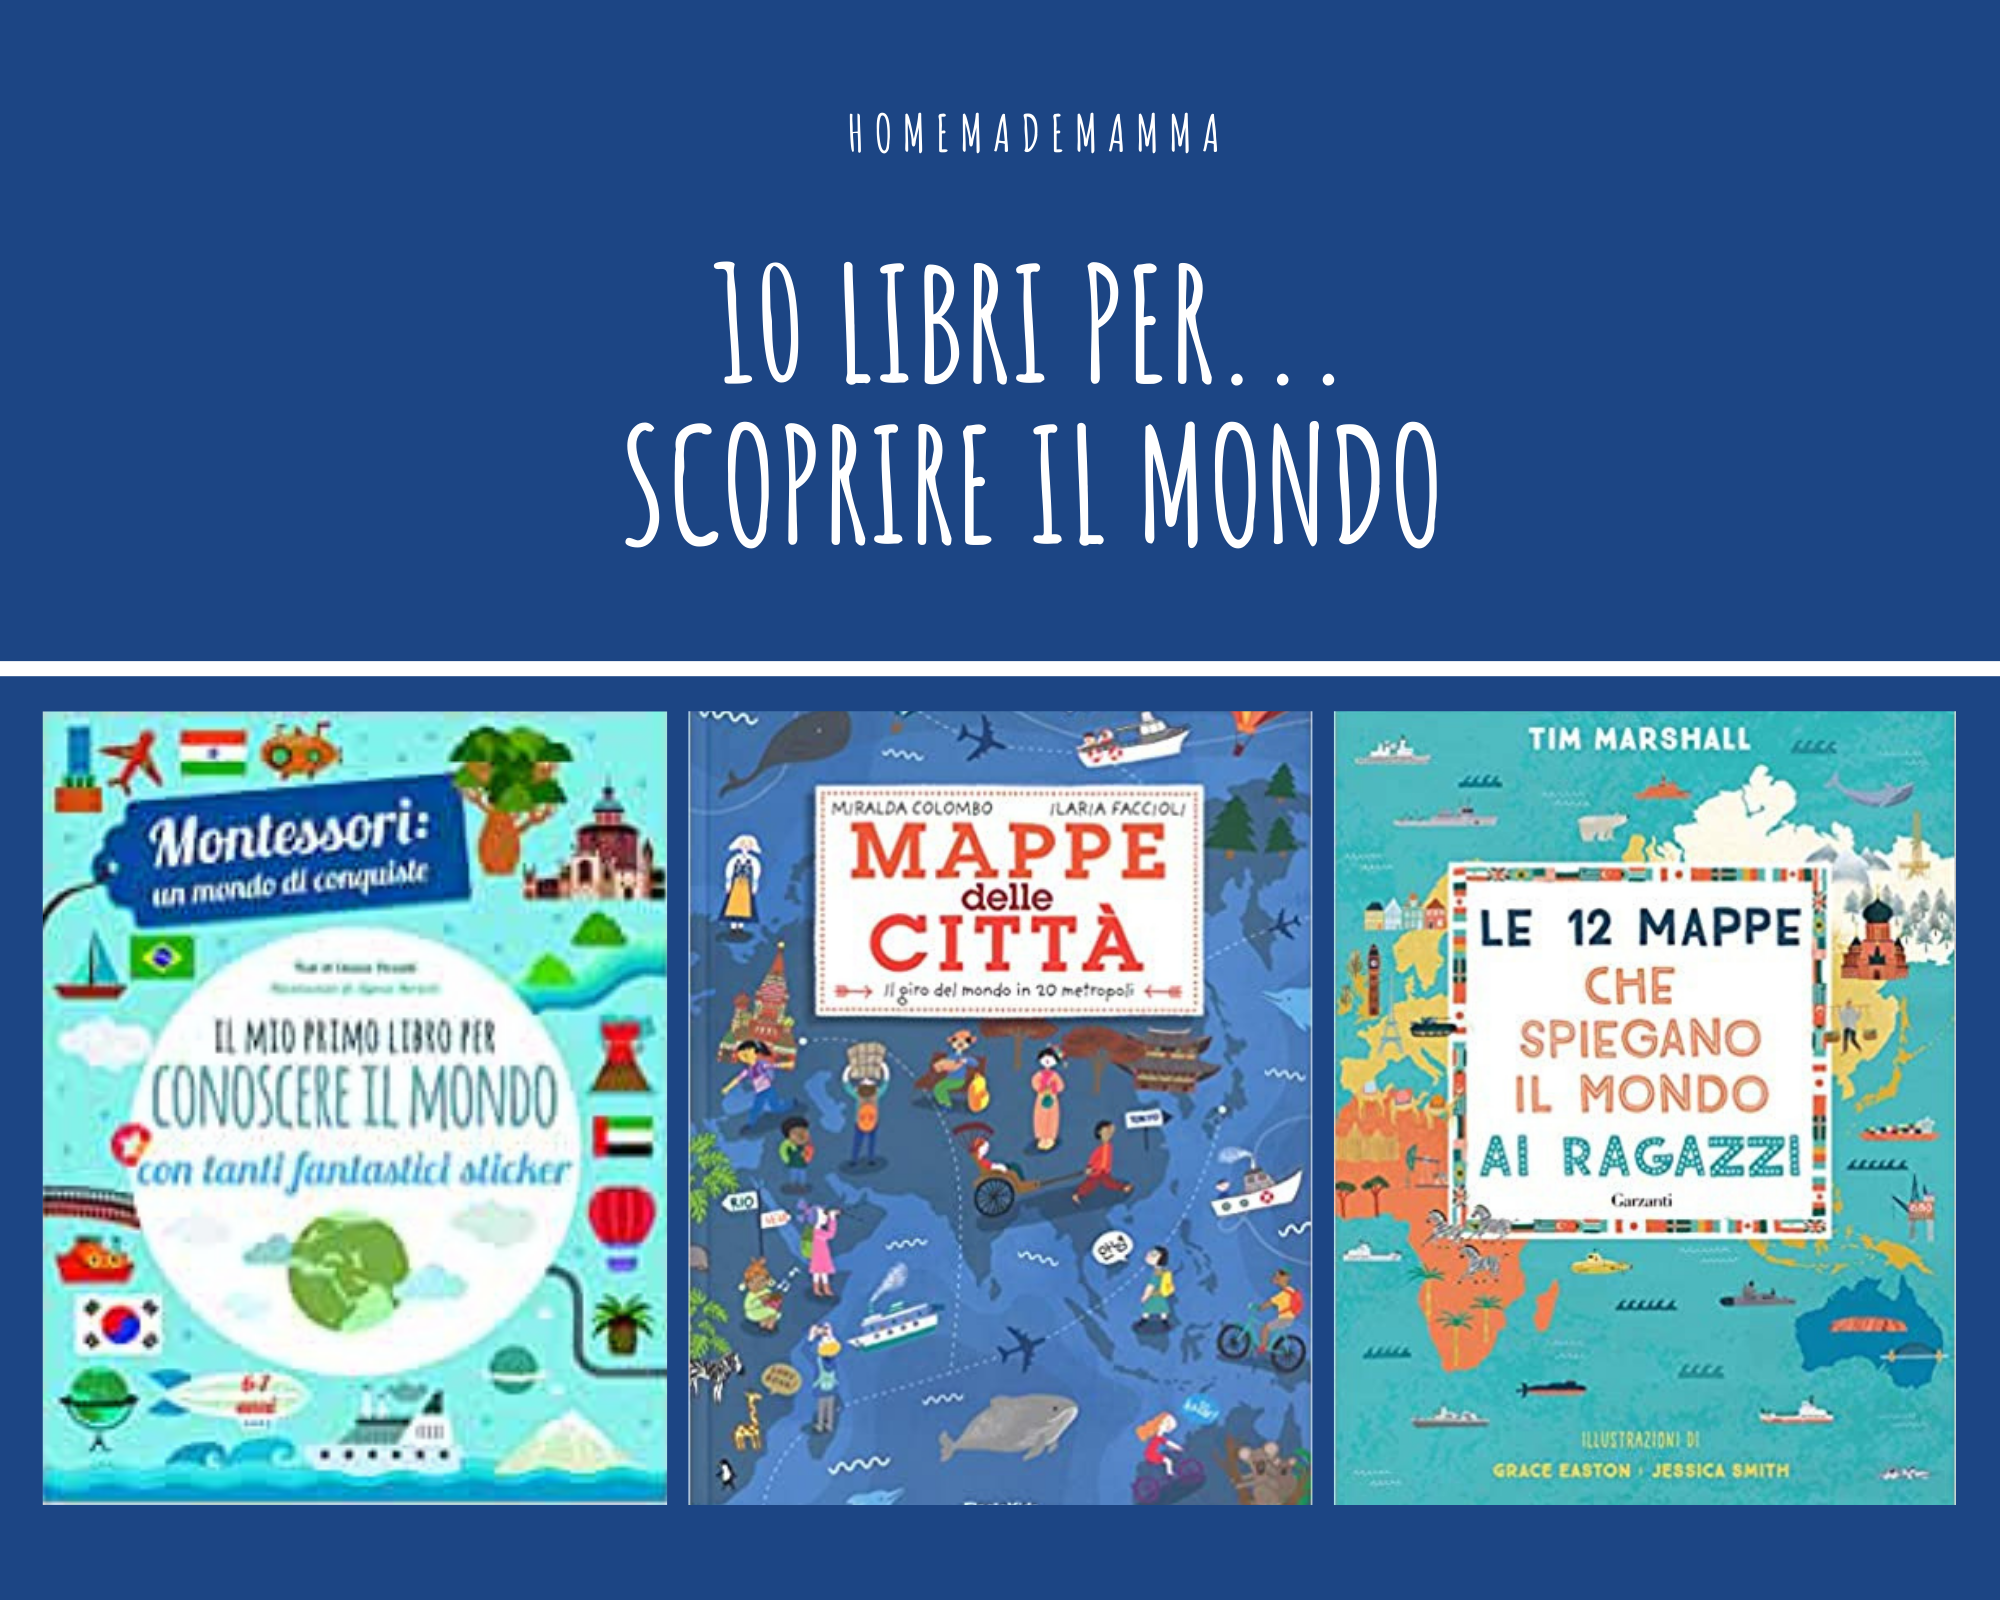 10 libri per ragazzi atlanti e mappe per sco